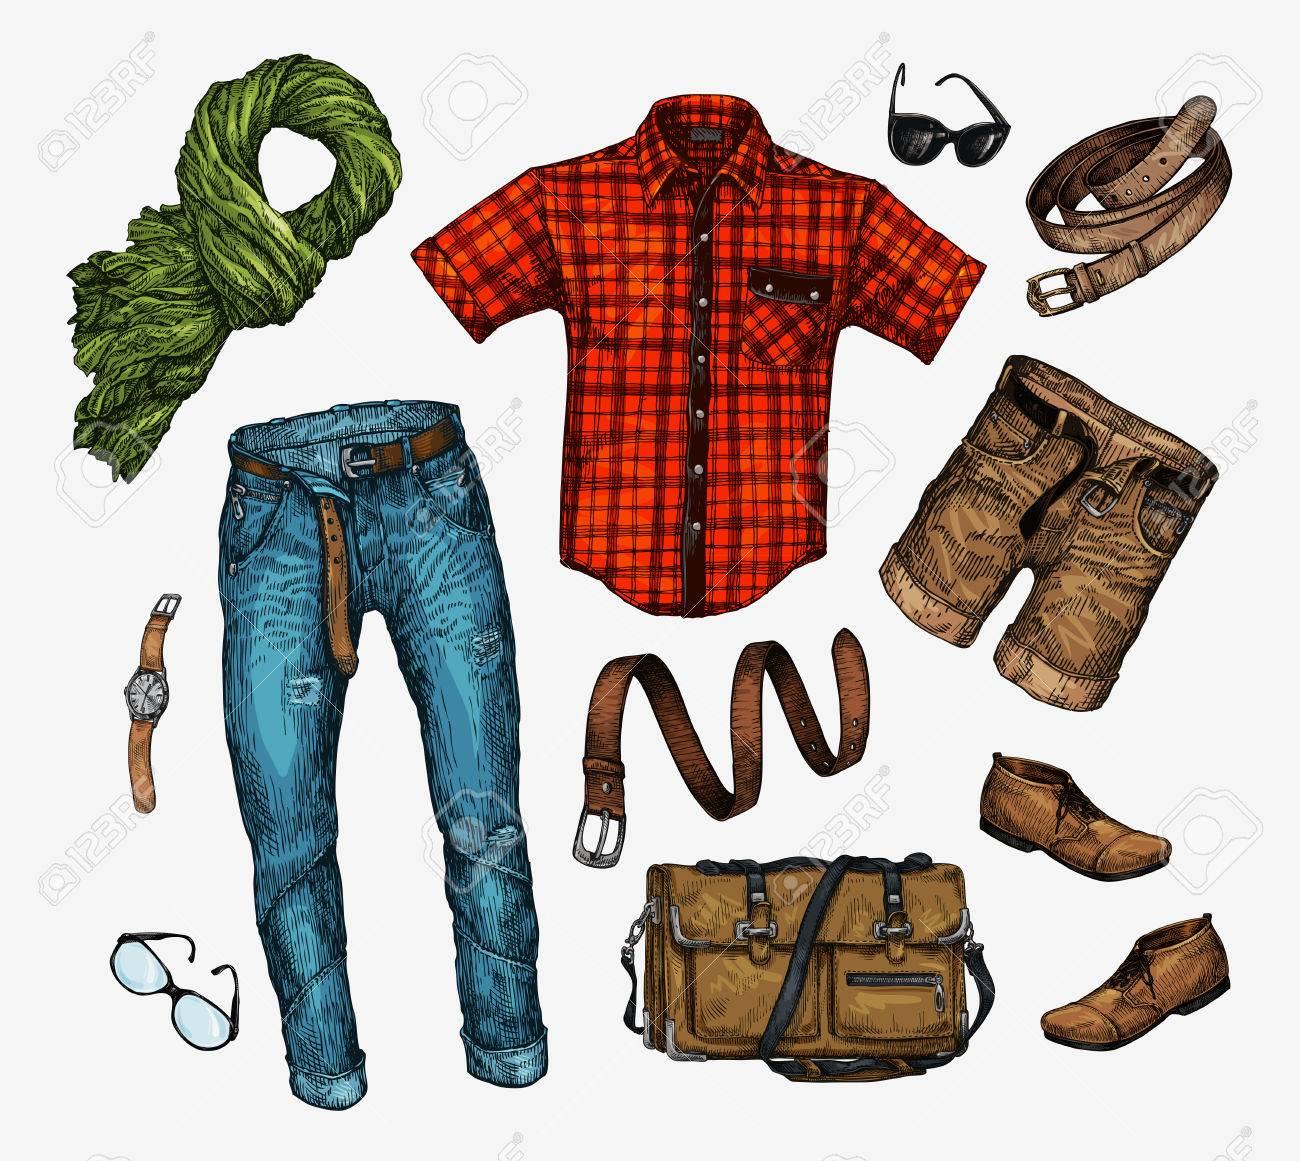 f4ca951bf Conjunto de hombres de ropa de moda. Traje del pañuelo para el cuello del  hombre, camisa, bolso, pantalones vaqueros, pantalones, shorts, zapatos de  ...